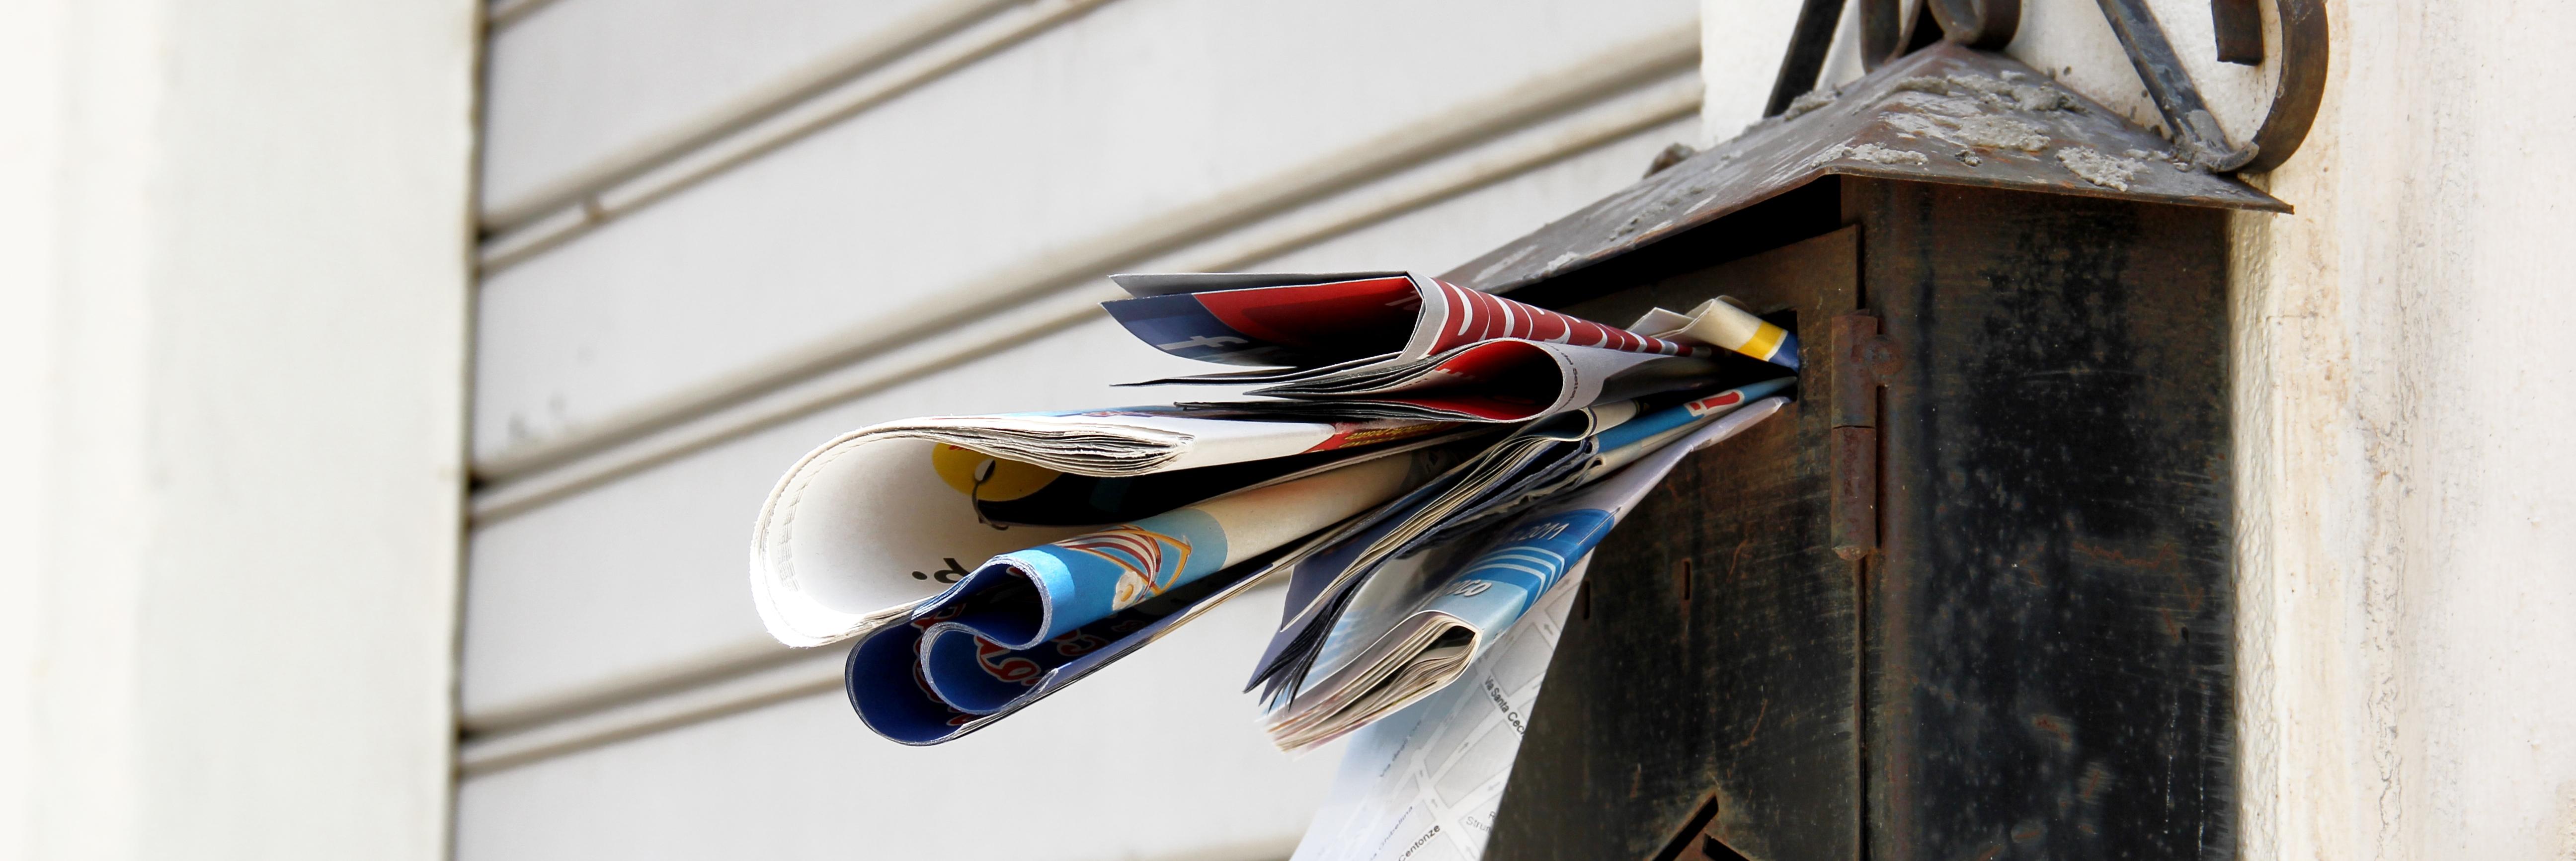 Registreer nu op www.postbuzz.com/natuurpunt; per 10 nieuwe registraties, schenkt Postbuzz 1m² natuur in jouw buurt.